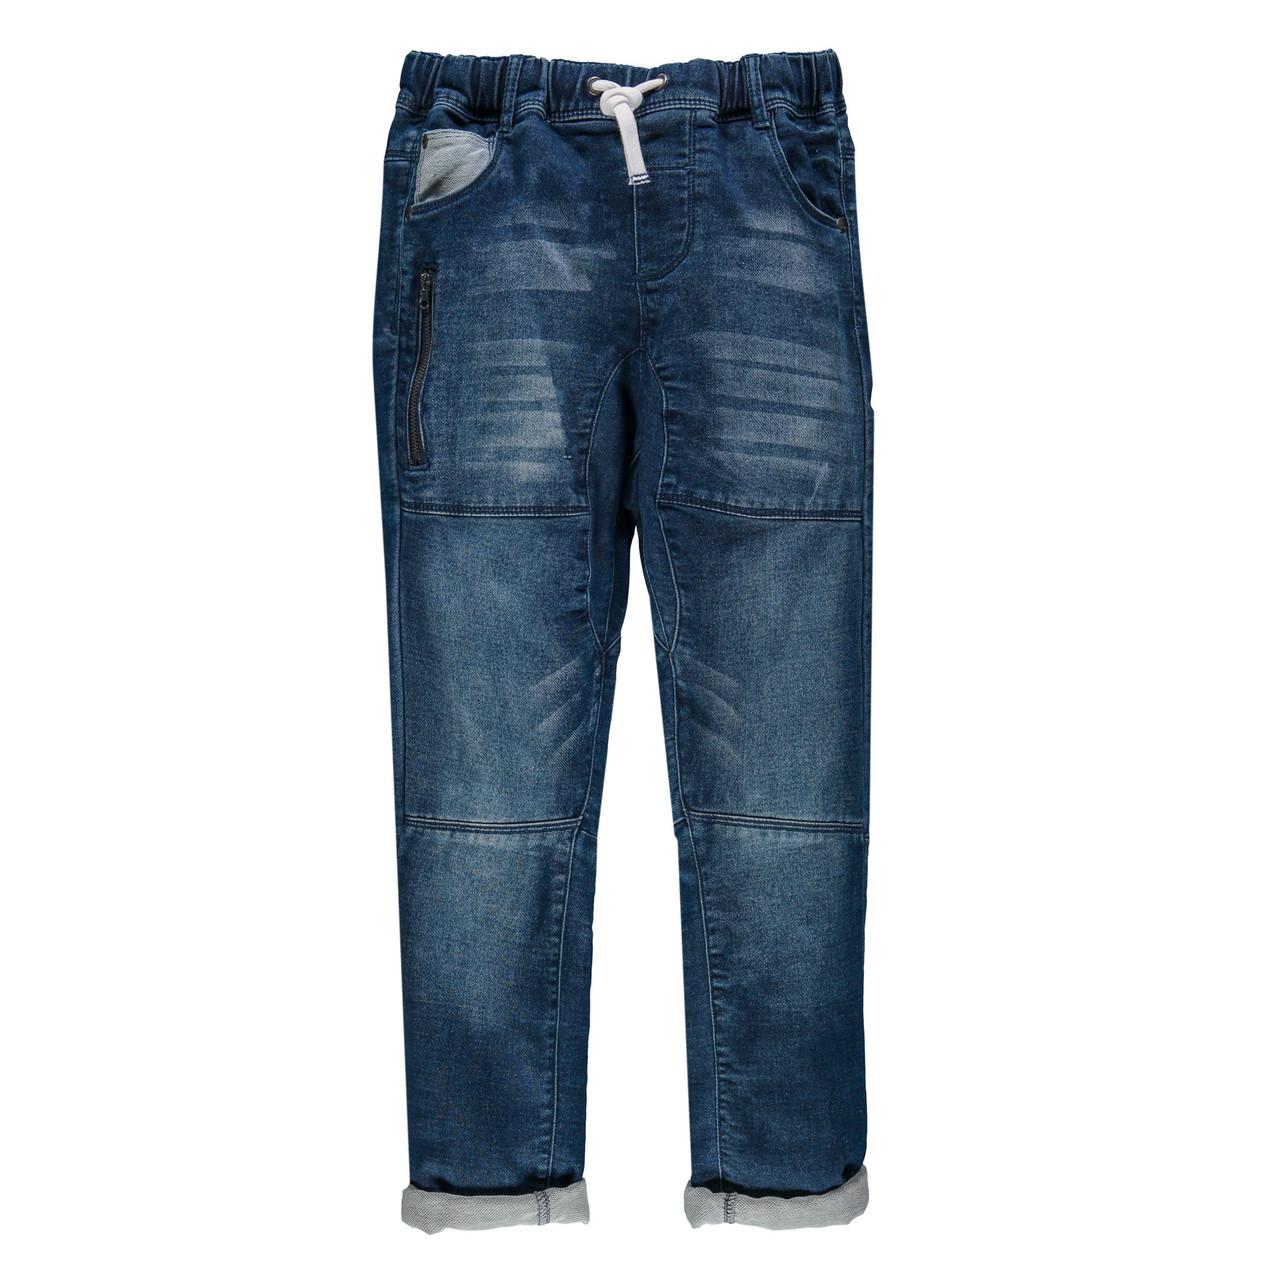 Джинсы для мальчика MEK 191MHBM011-148 синие 140-170